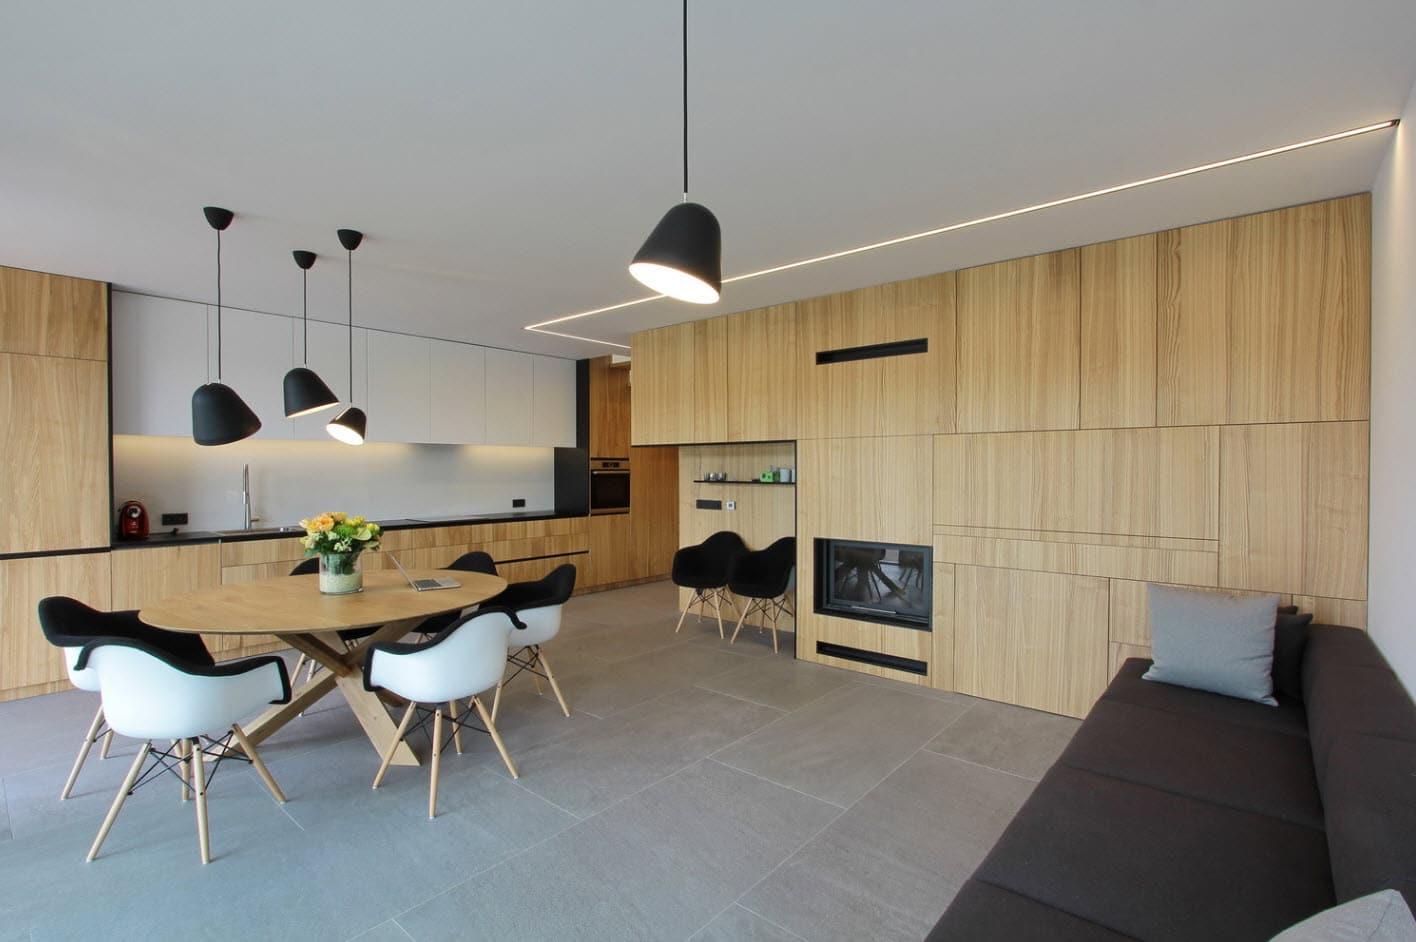 Dise o de casa de campo peque a con moderna estructura de - Casas diseno moderno ...